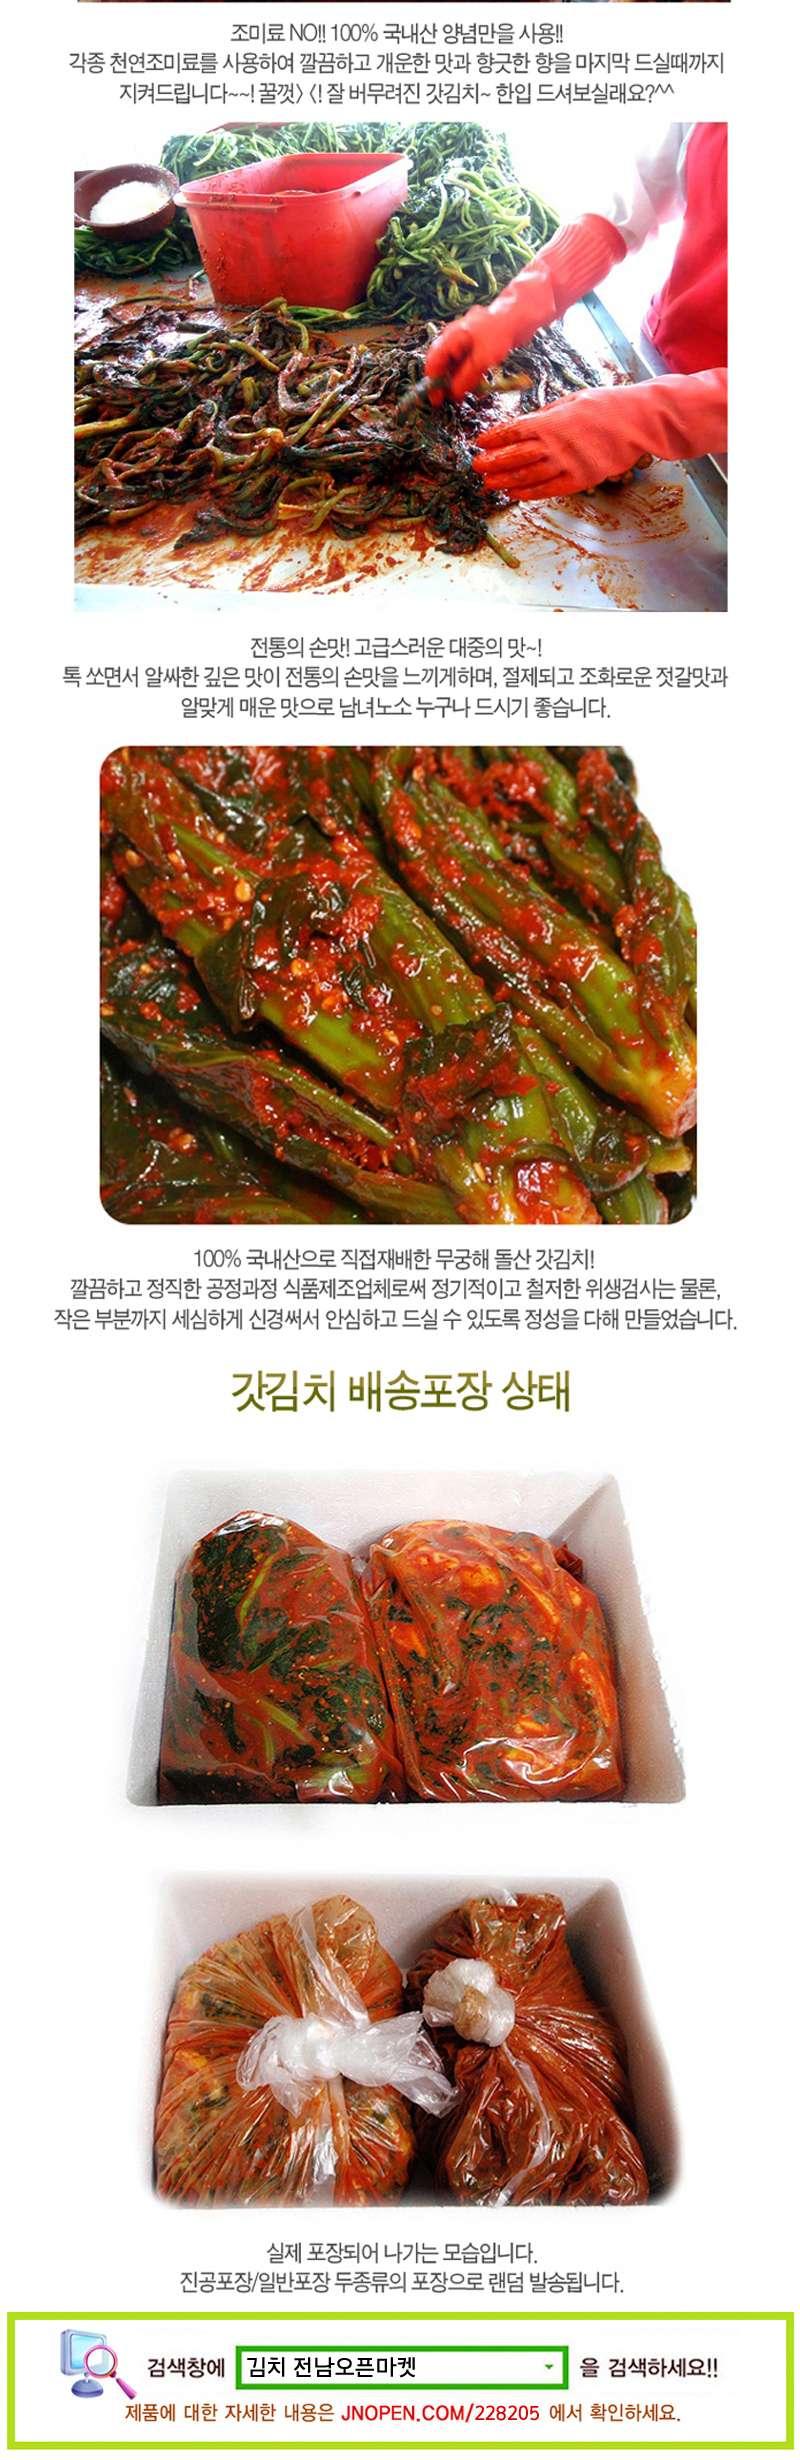 전남오픈마켓 상품 상세이미지3